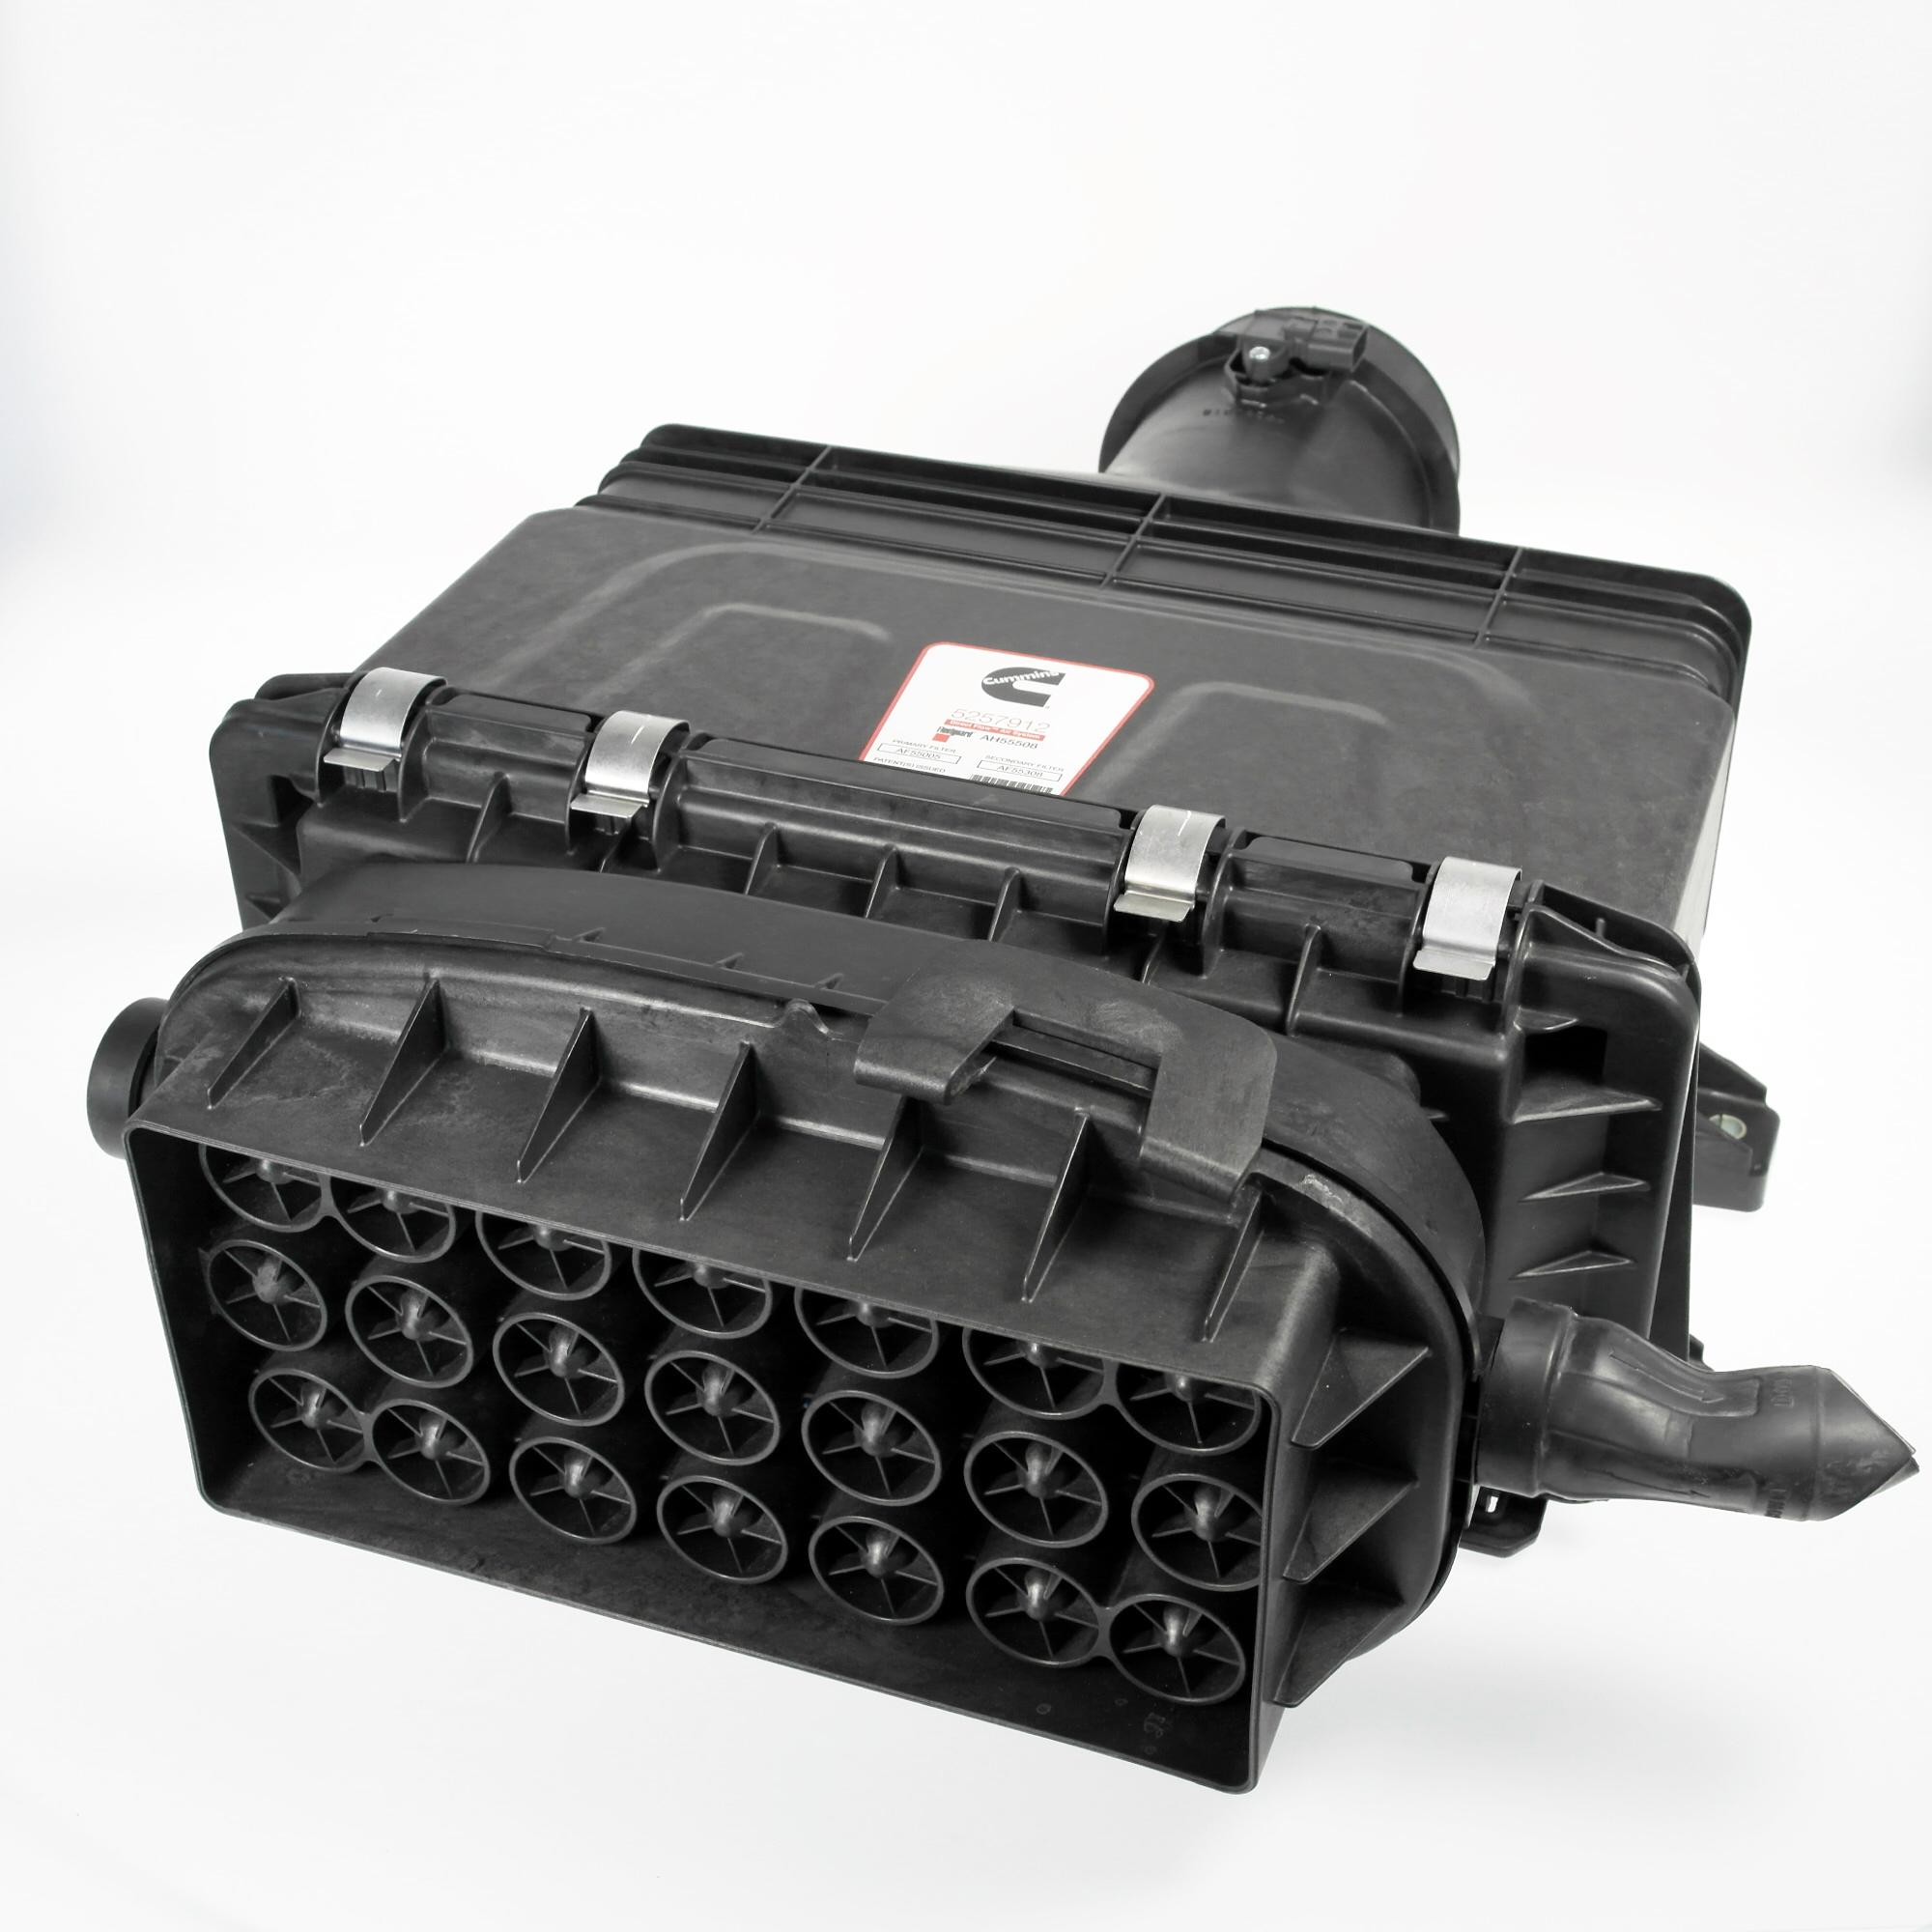 Fleetguard Direct Flow air filter housing, item number AH55508